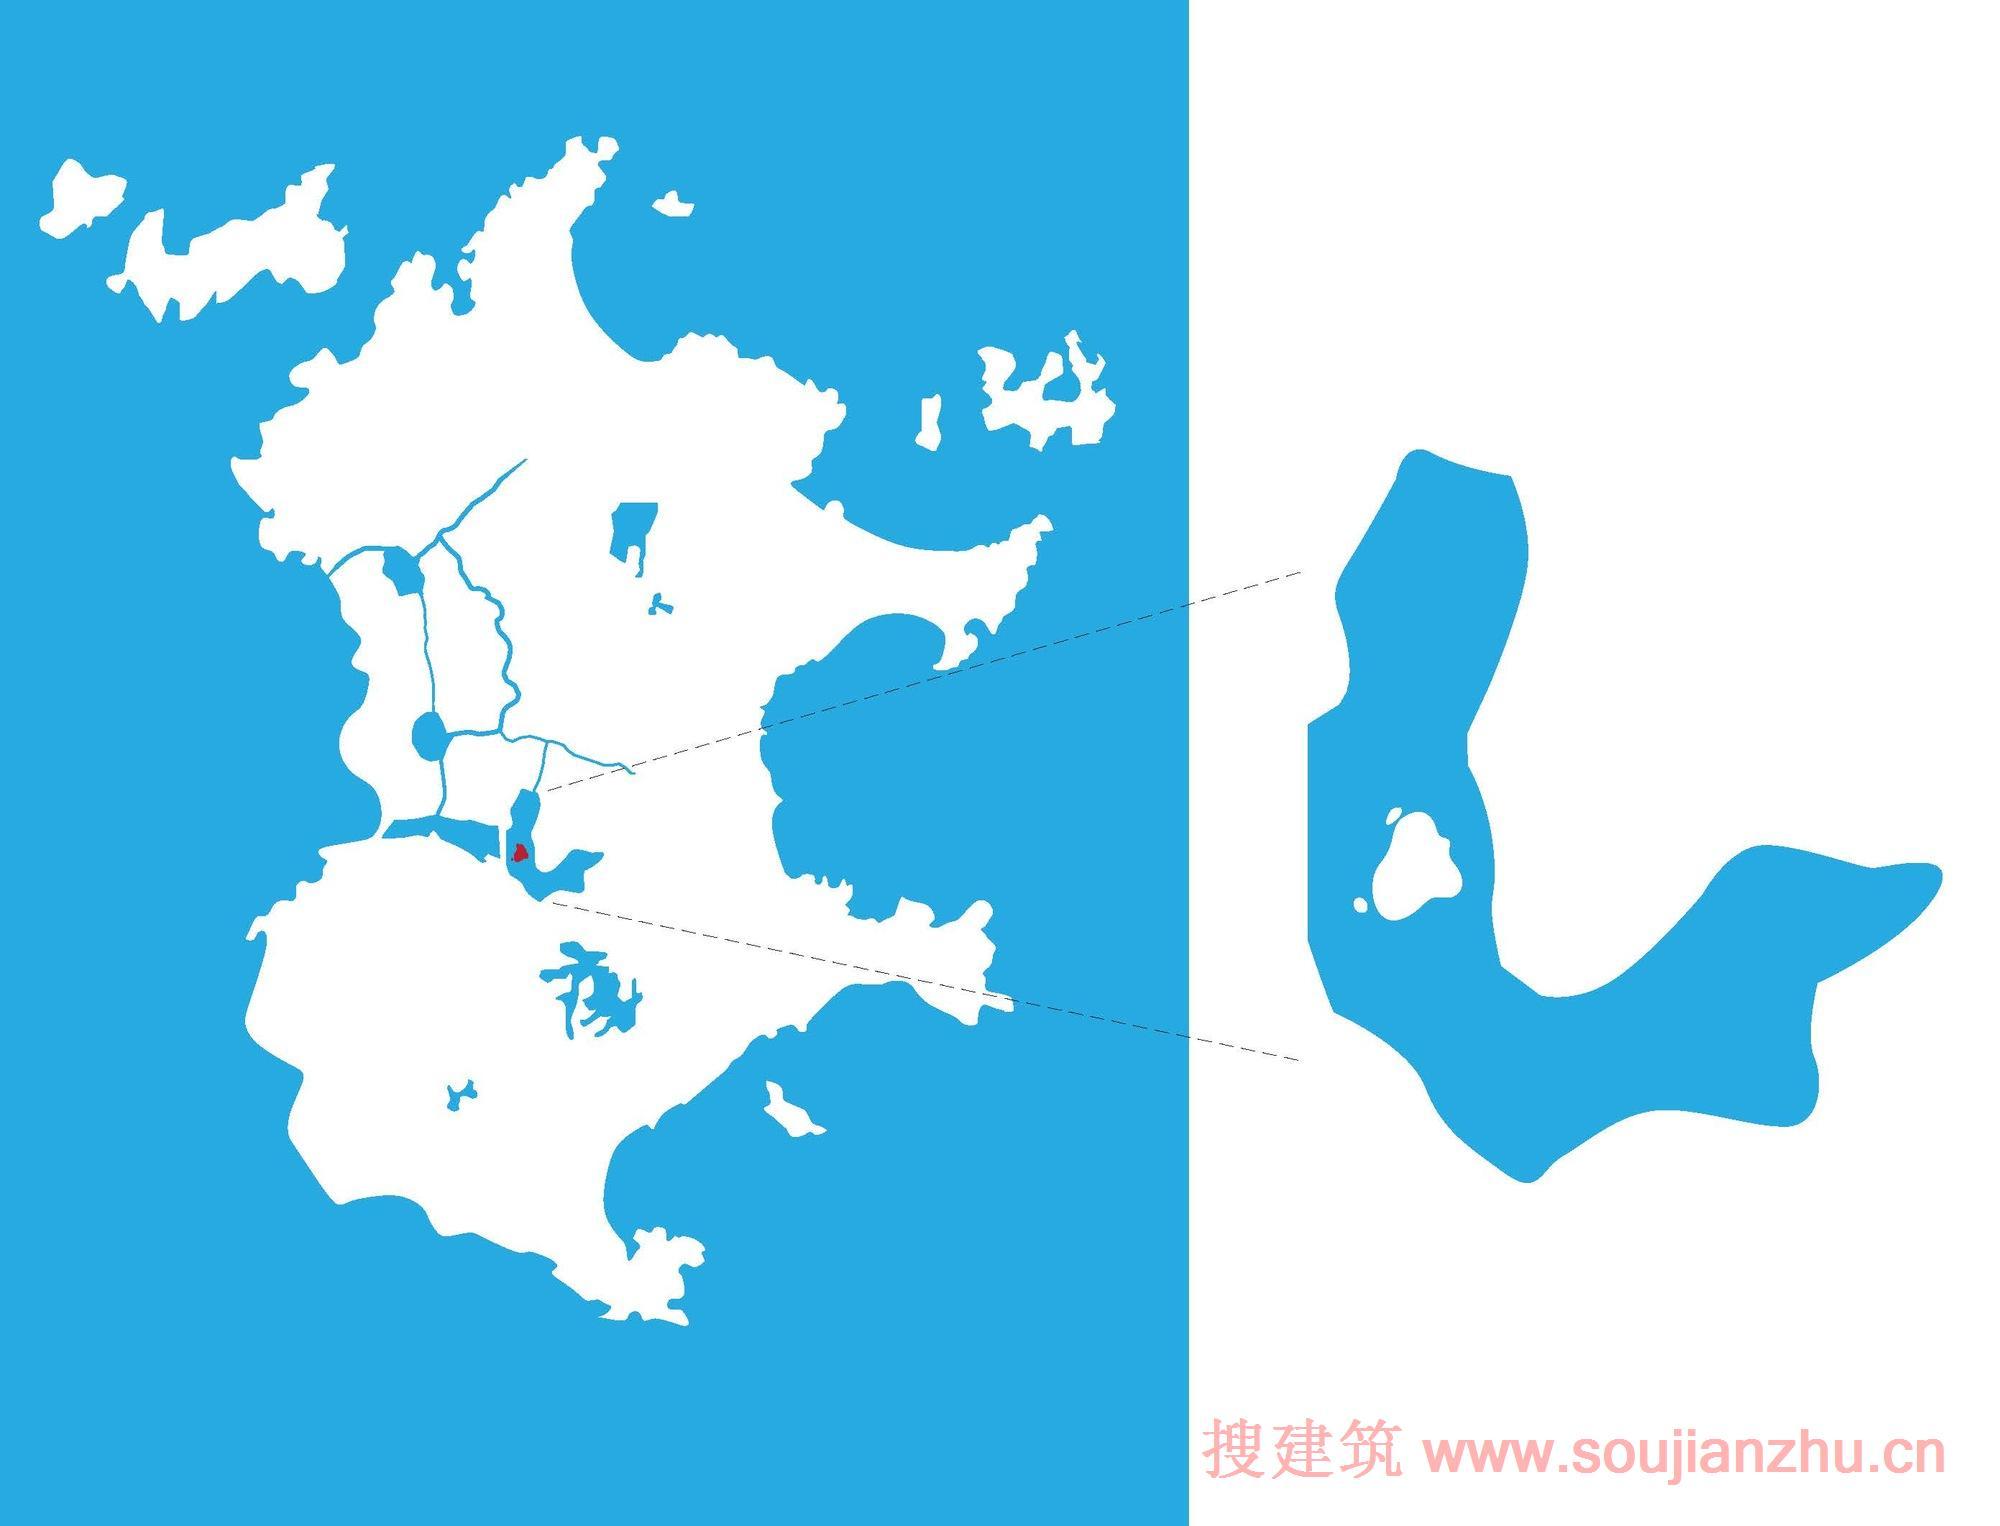 平潭岛是福建省最大的岛,同时也是大陆距台湾最近的岛屿.